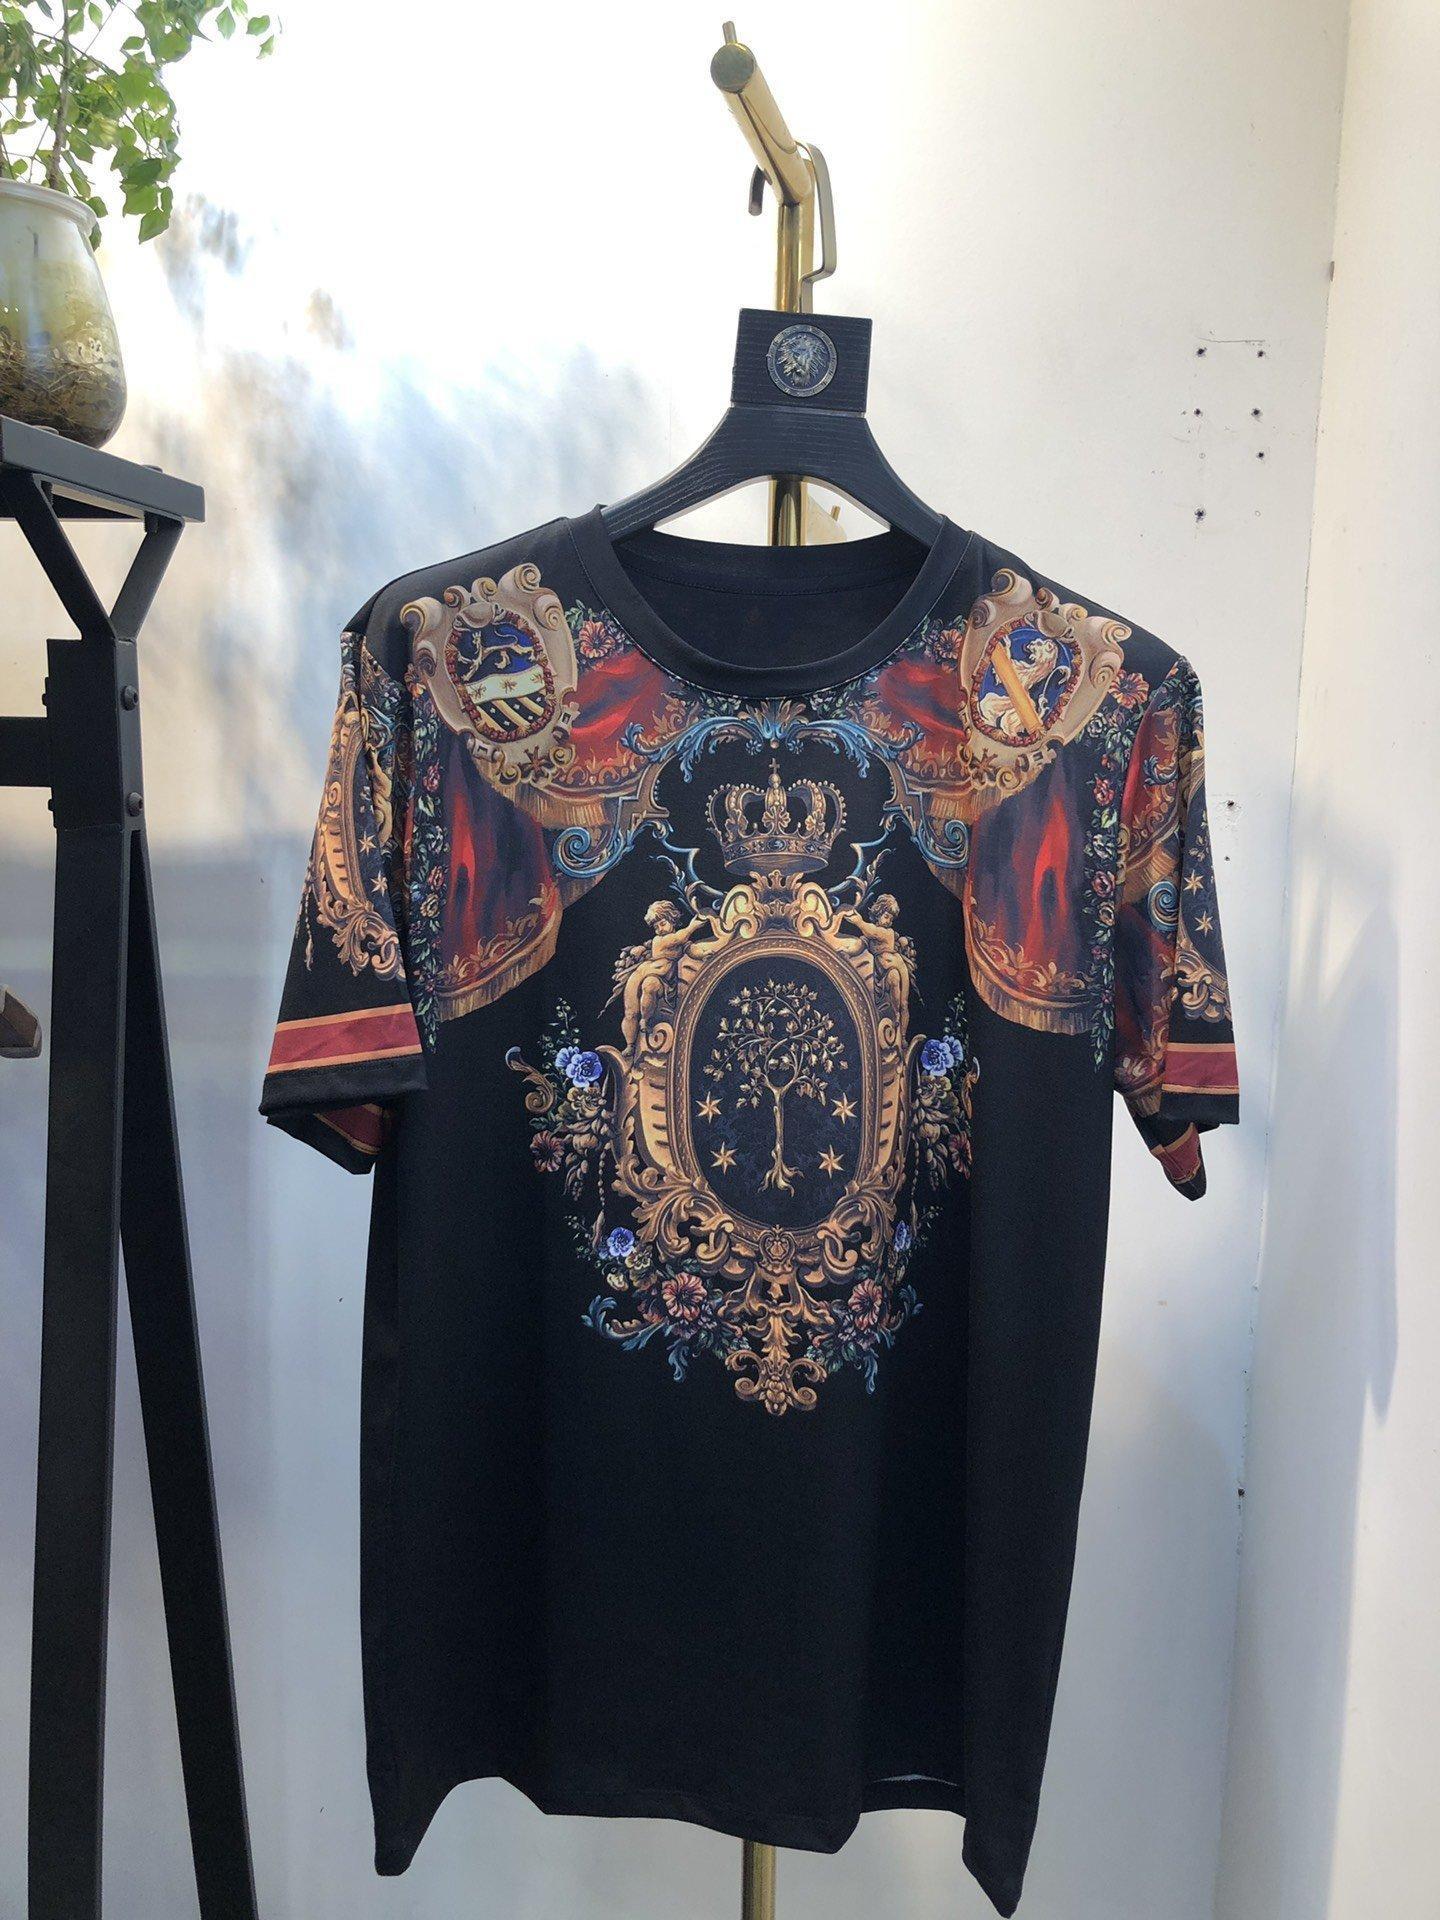 дизайнер Мужская одежда Футболка мужская любимый новый список ринулись новый лучший продавать весной простой красивый классический красивый 0FUK